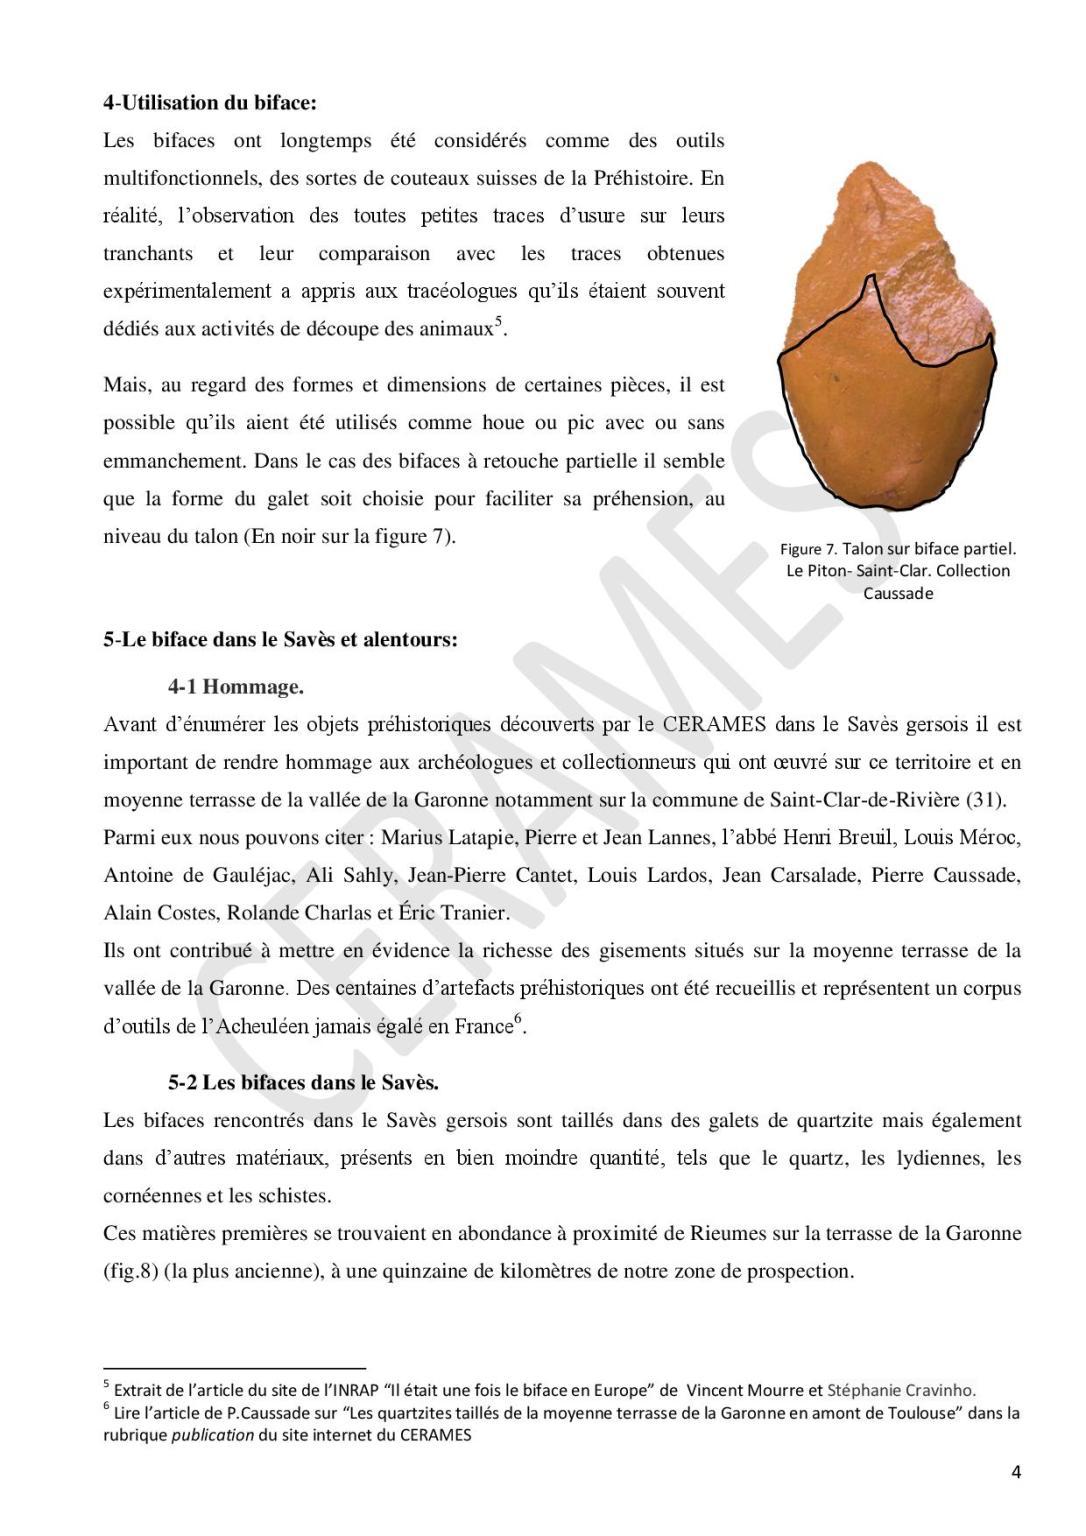 Le biface4